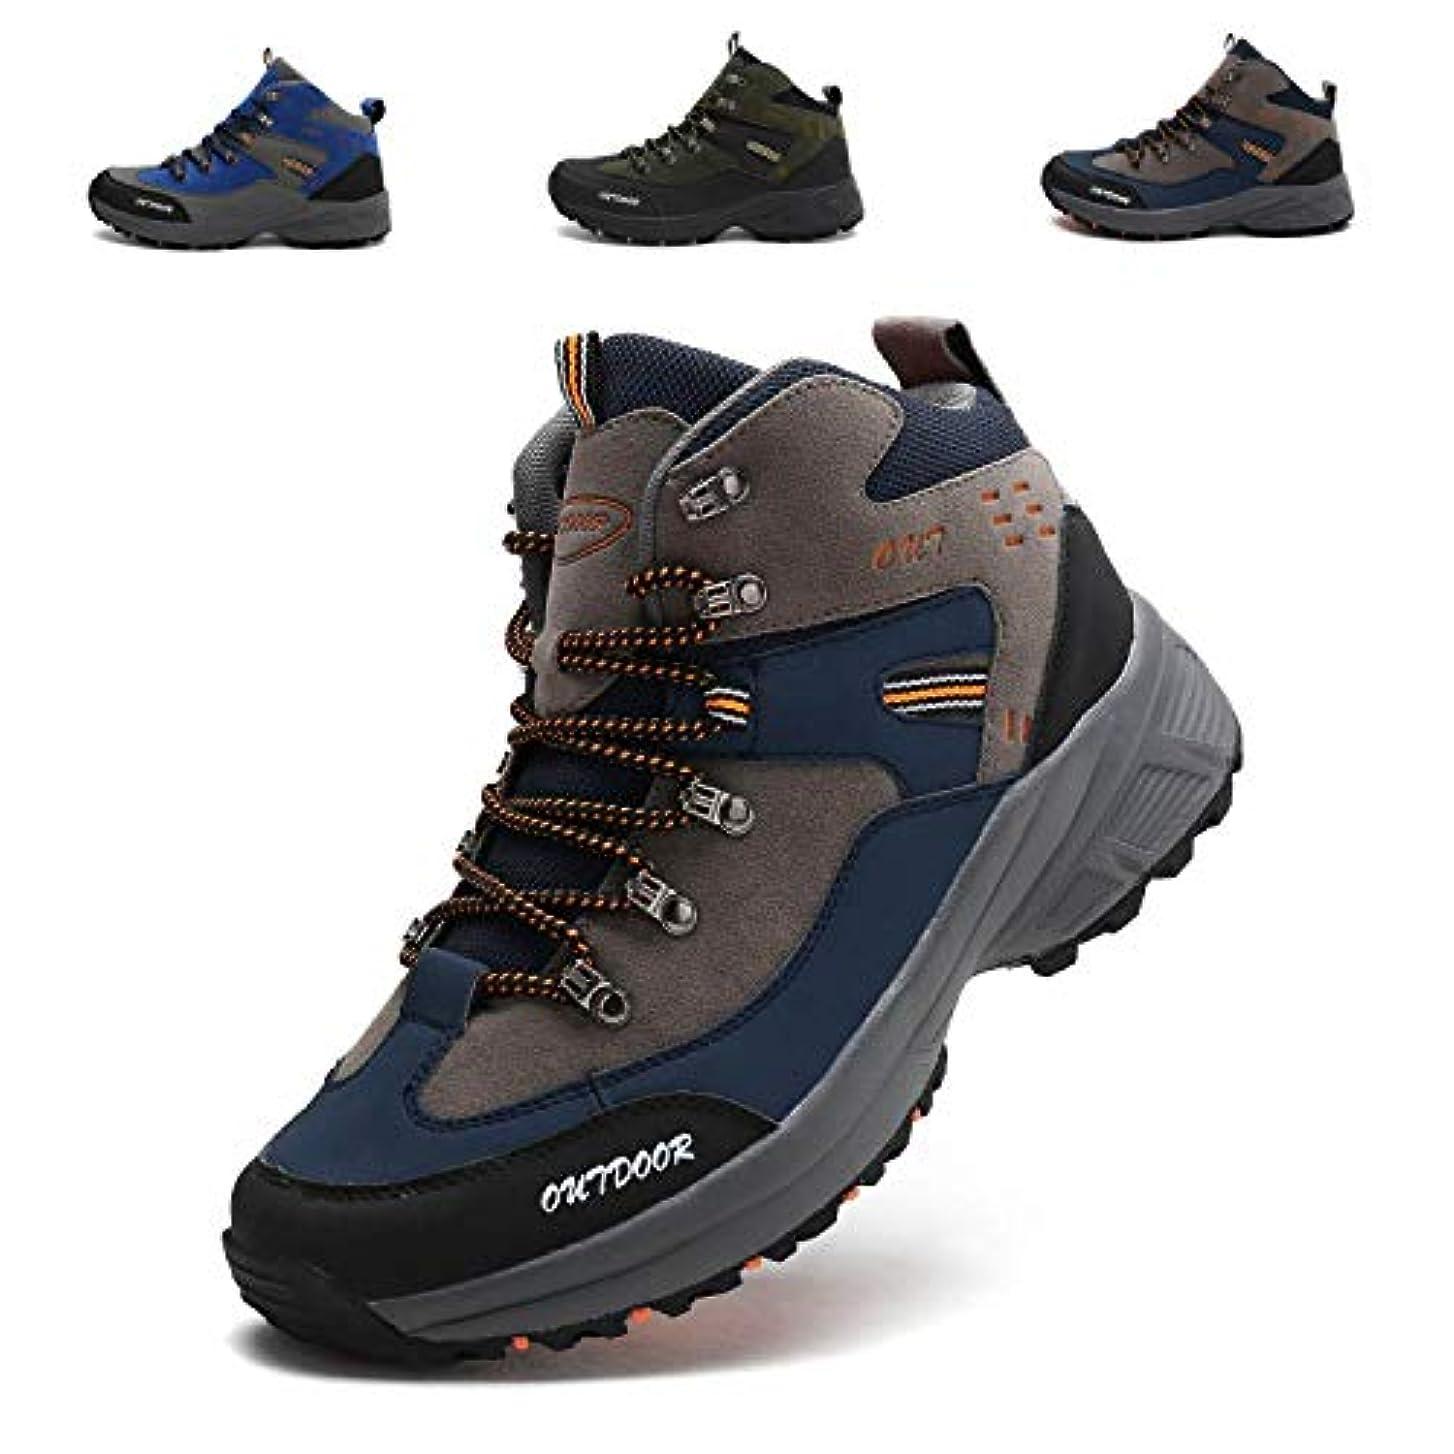 時幸運なことに方法論[LSGEGO] トレッキングシューズ メンズ 防水 防滑 ハイキングシューズ アウトドア キャンプ シュー ズ 軽量 耐磨耗 登山靴 メンズ ハイキングブーツ 通気性 ウォーキングシューズ